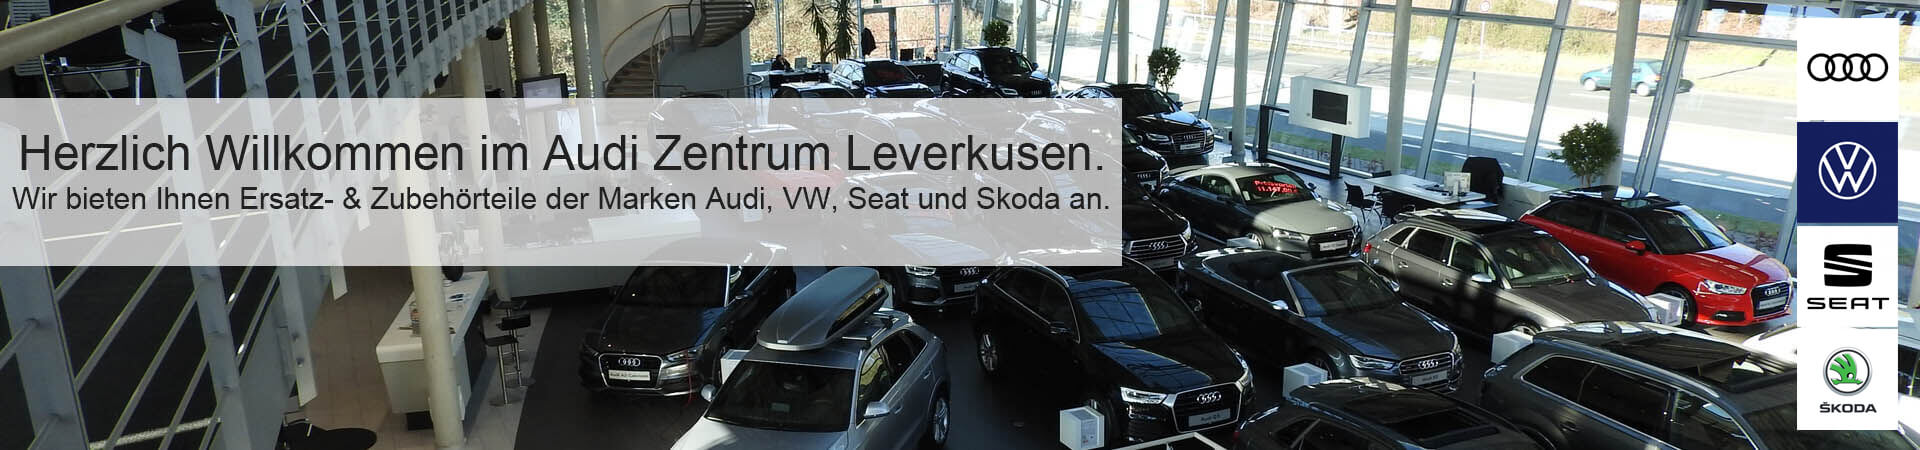 Audi Zentrum Leverkusen